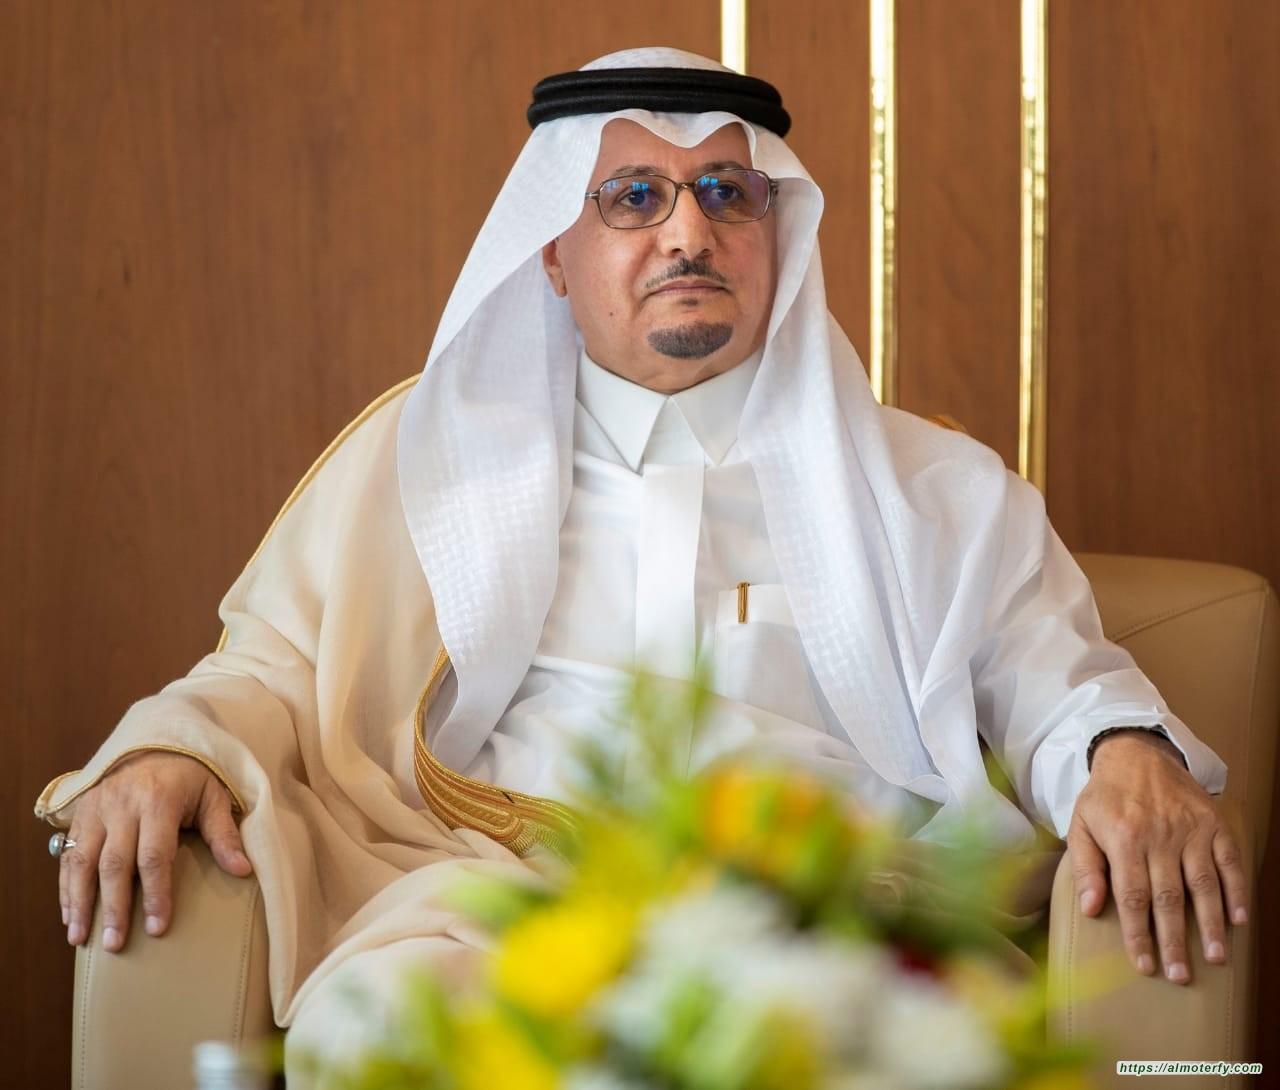 معالي رئيس جامعة حفر الباطن يهنئ القيادة بمناسبة عيد الفطر